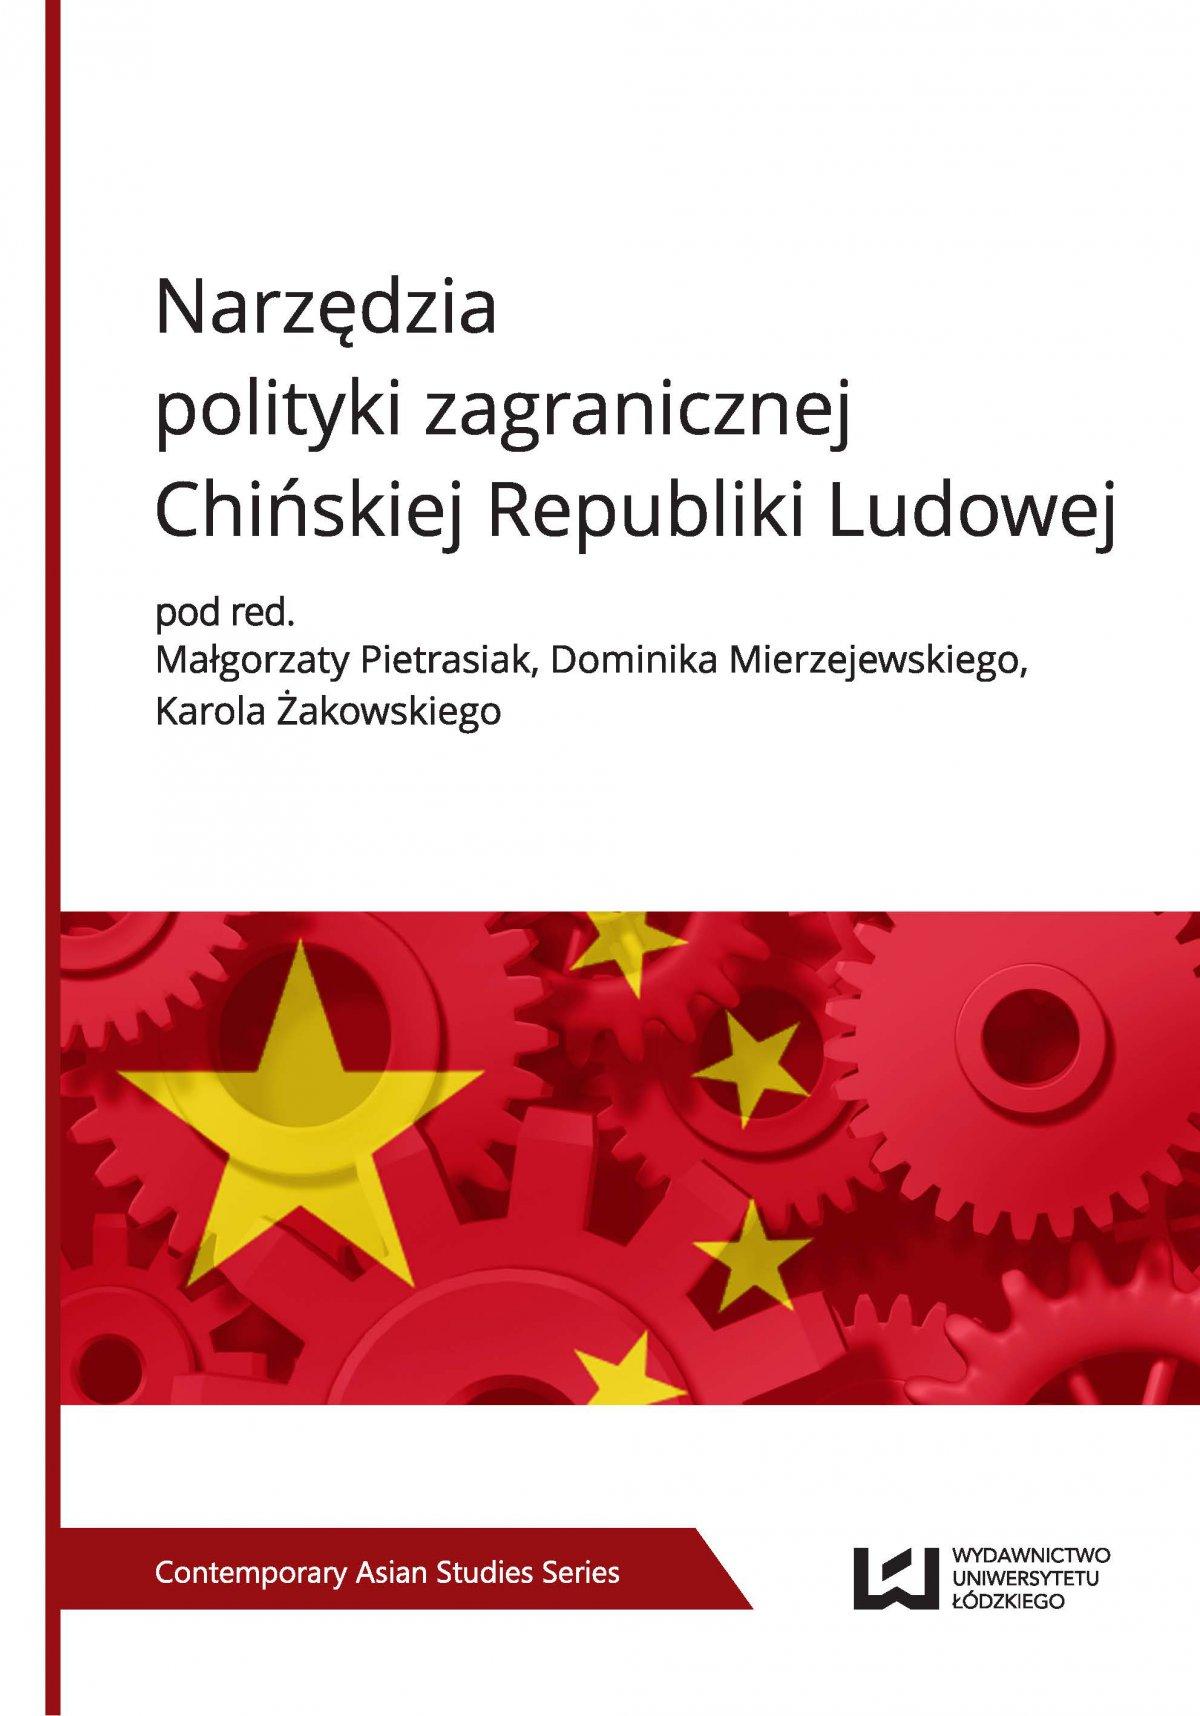 Narzędzia polityki zagranicznej Chińskiej Republiki Ludowej - Ebook (Książka PDF) do pobrania w formacie PDF